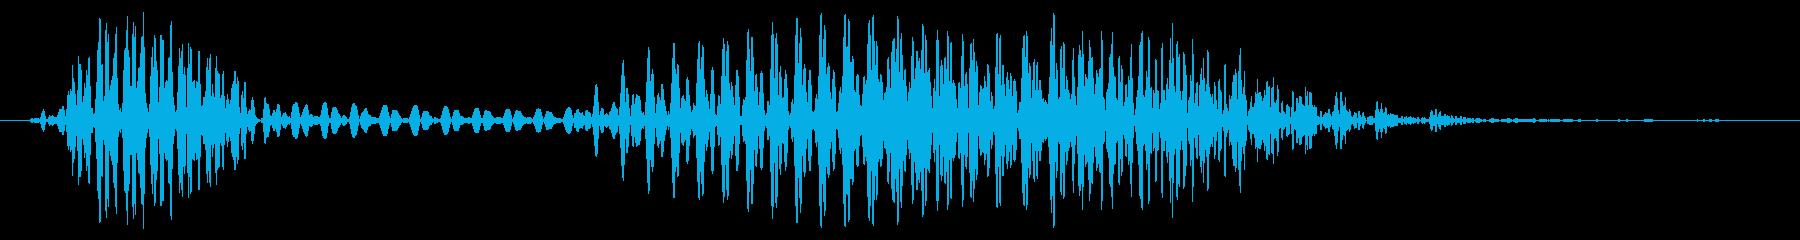 コンピューター応答音声中止男性の再生済みの波形